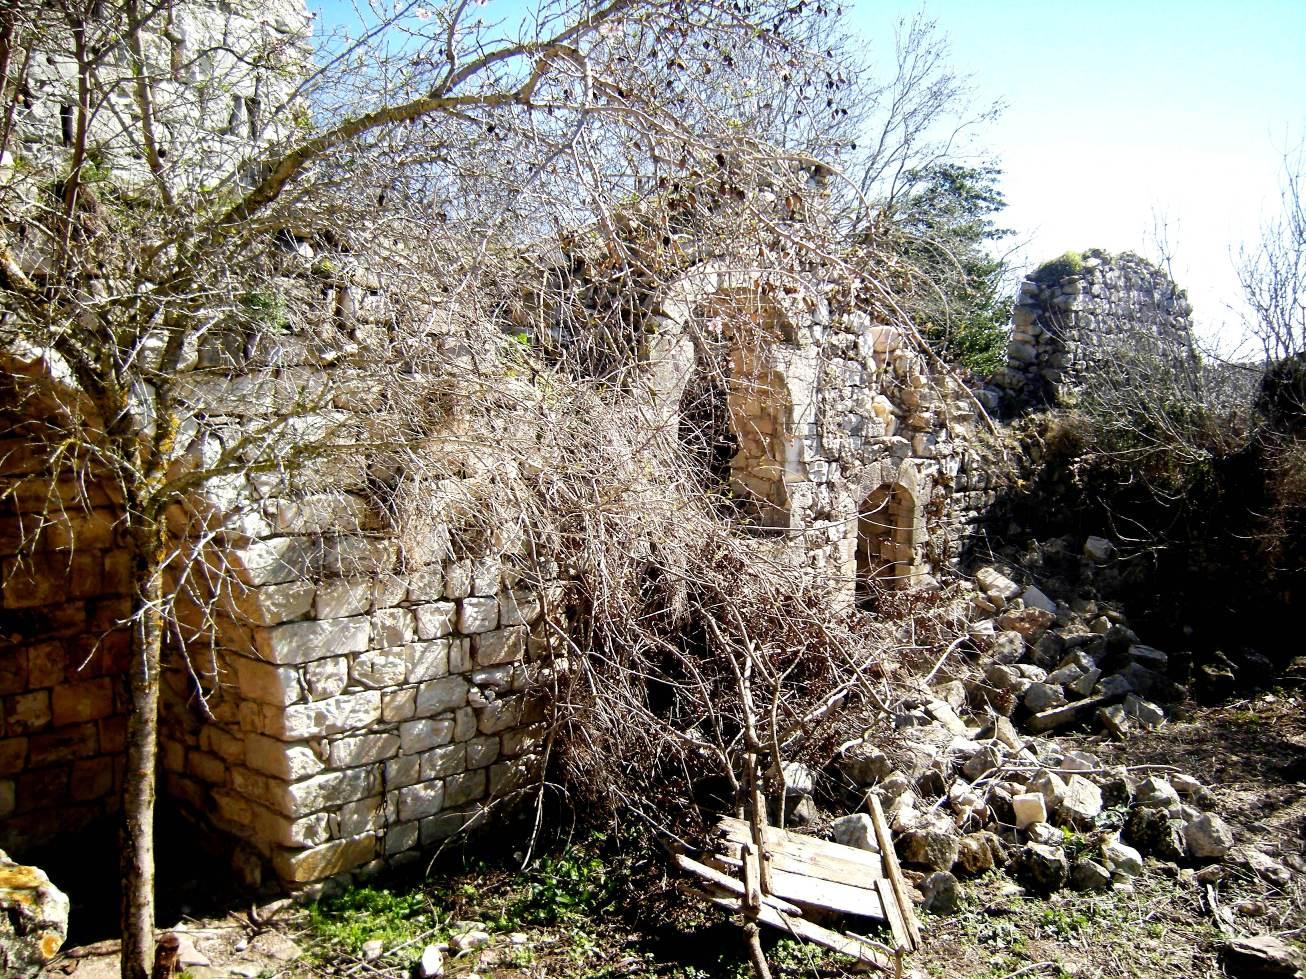 Le rovine di Kufr Bi'rem (Foto: Chiara Cruciati)